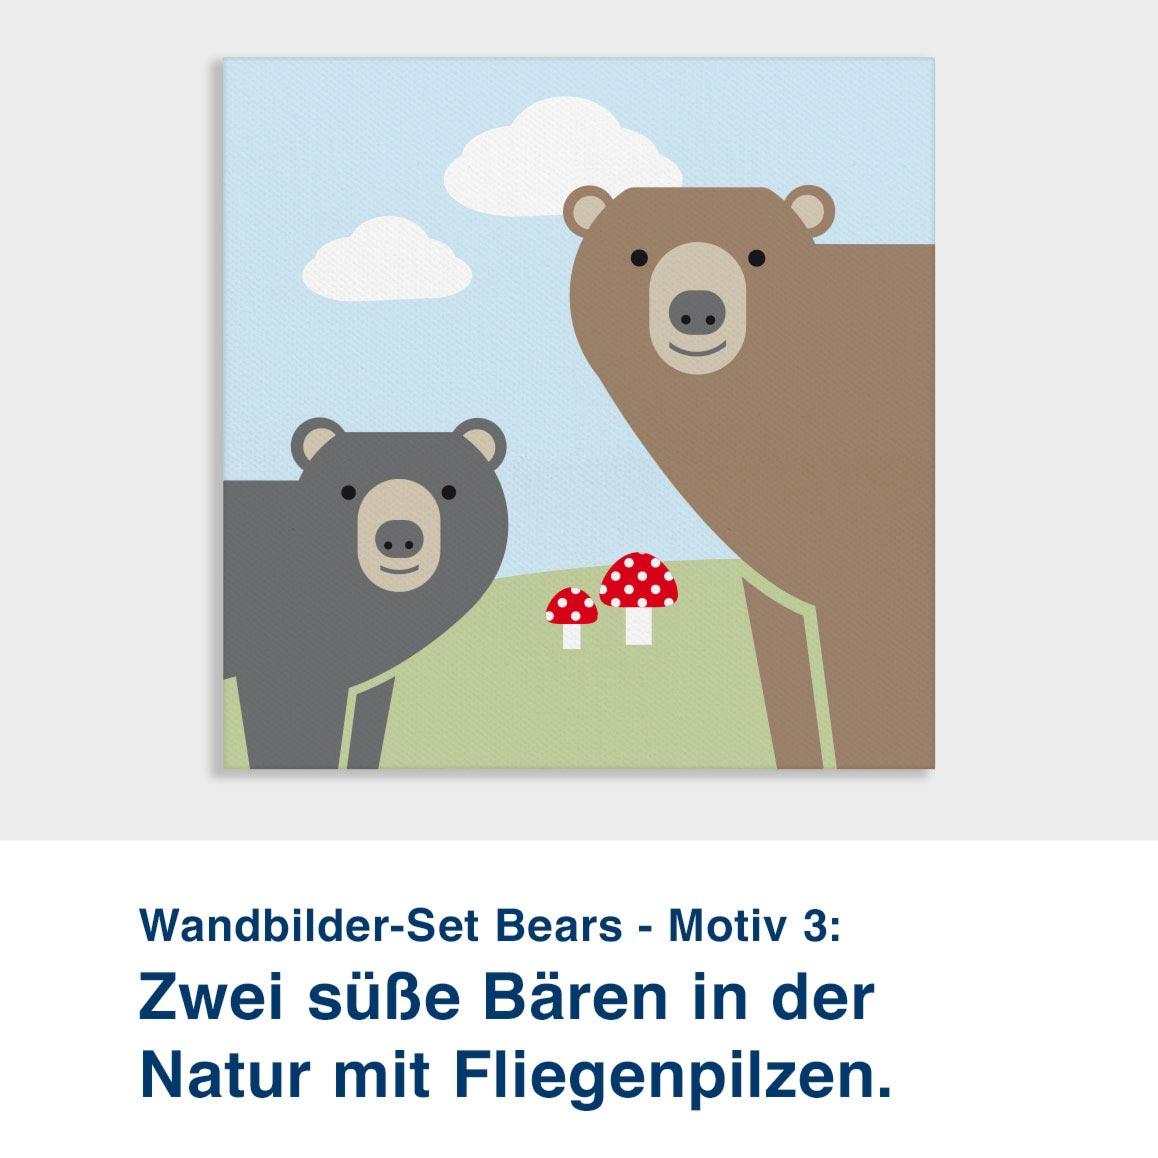 Wandbilder-Set Bears - Motiv 3:  Zwei süße Bären in der  Natur mit Fliegenpilzen.